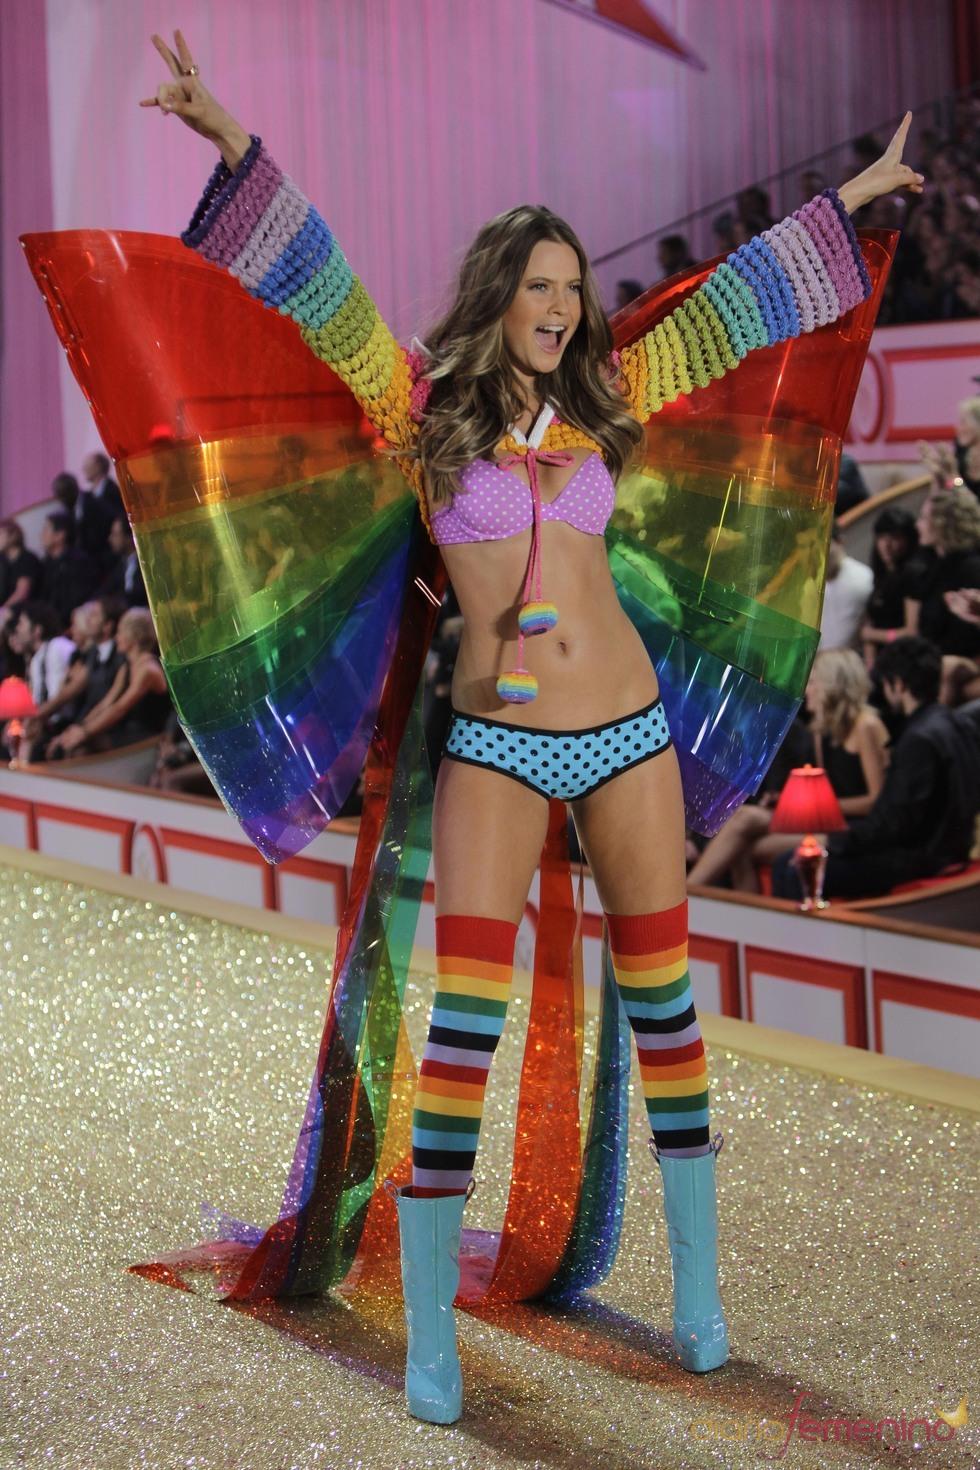 Ropa íntima llena de color en el desfile de Victoria's Secret